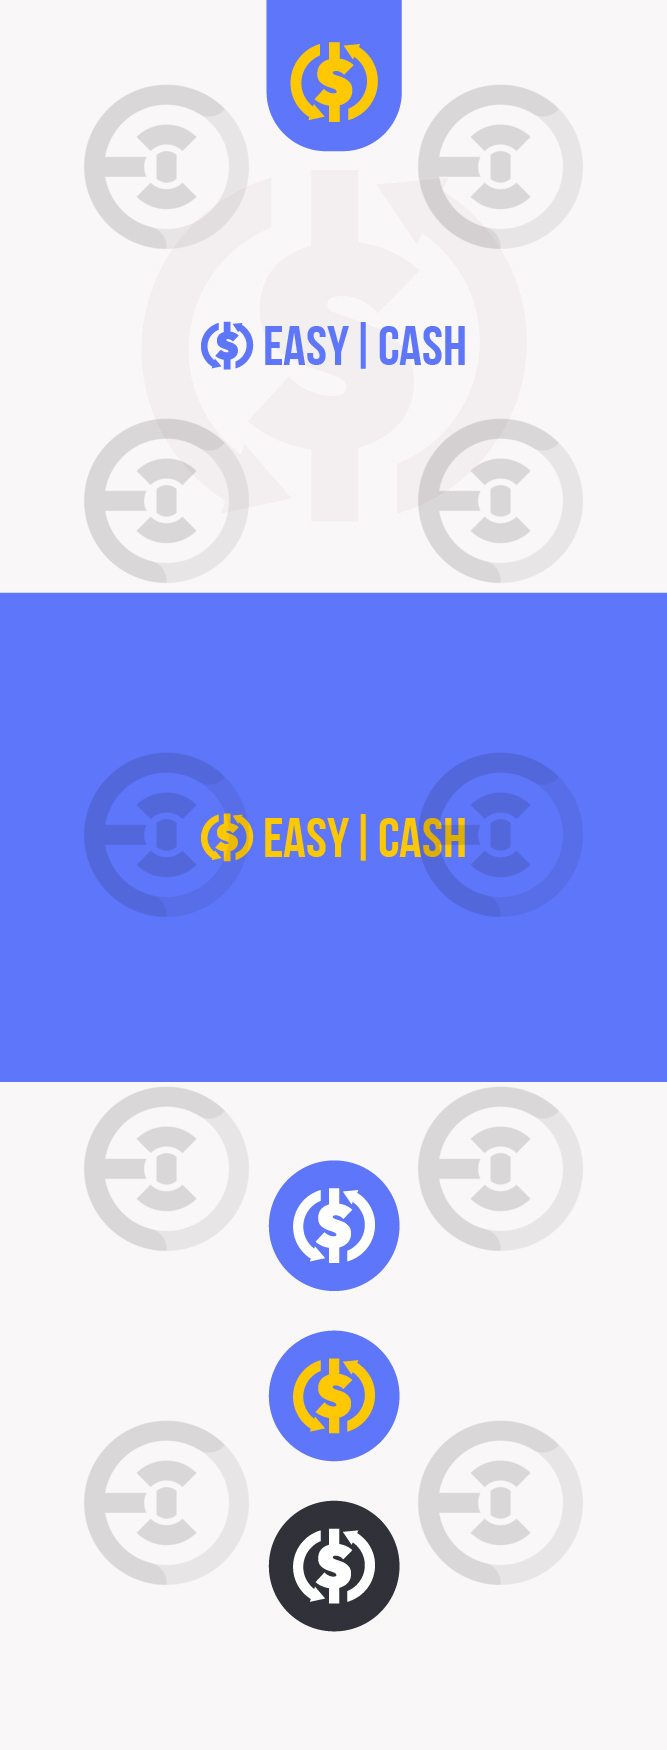 EasyCash_logo_Монтажная область 1.jpg